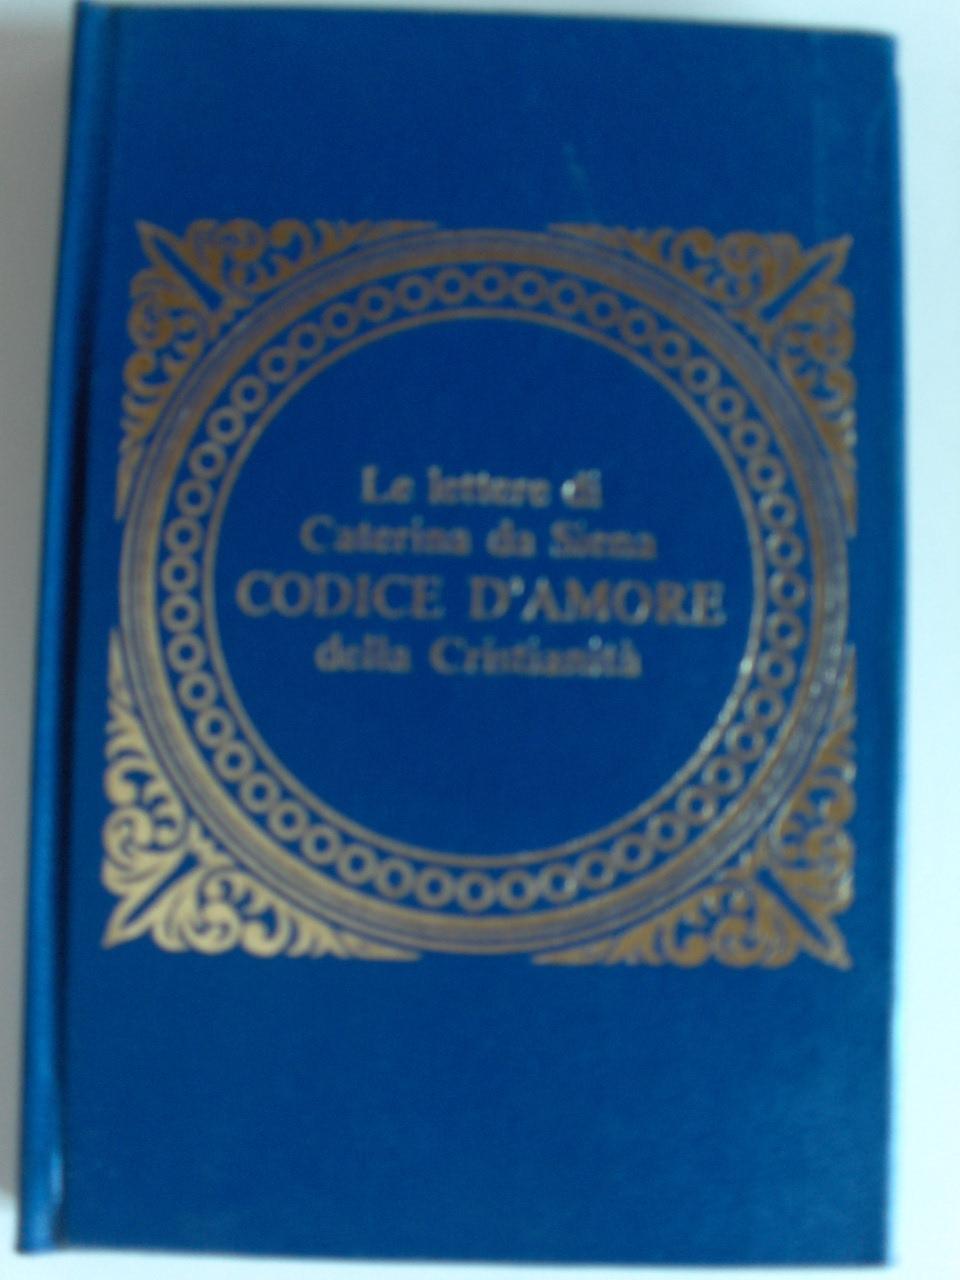 Le lettere di Caterina da Siena Codice d'amore della Cristianità